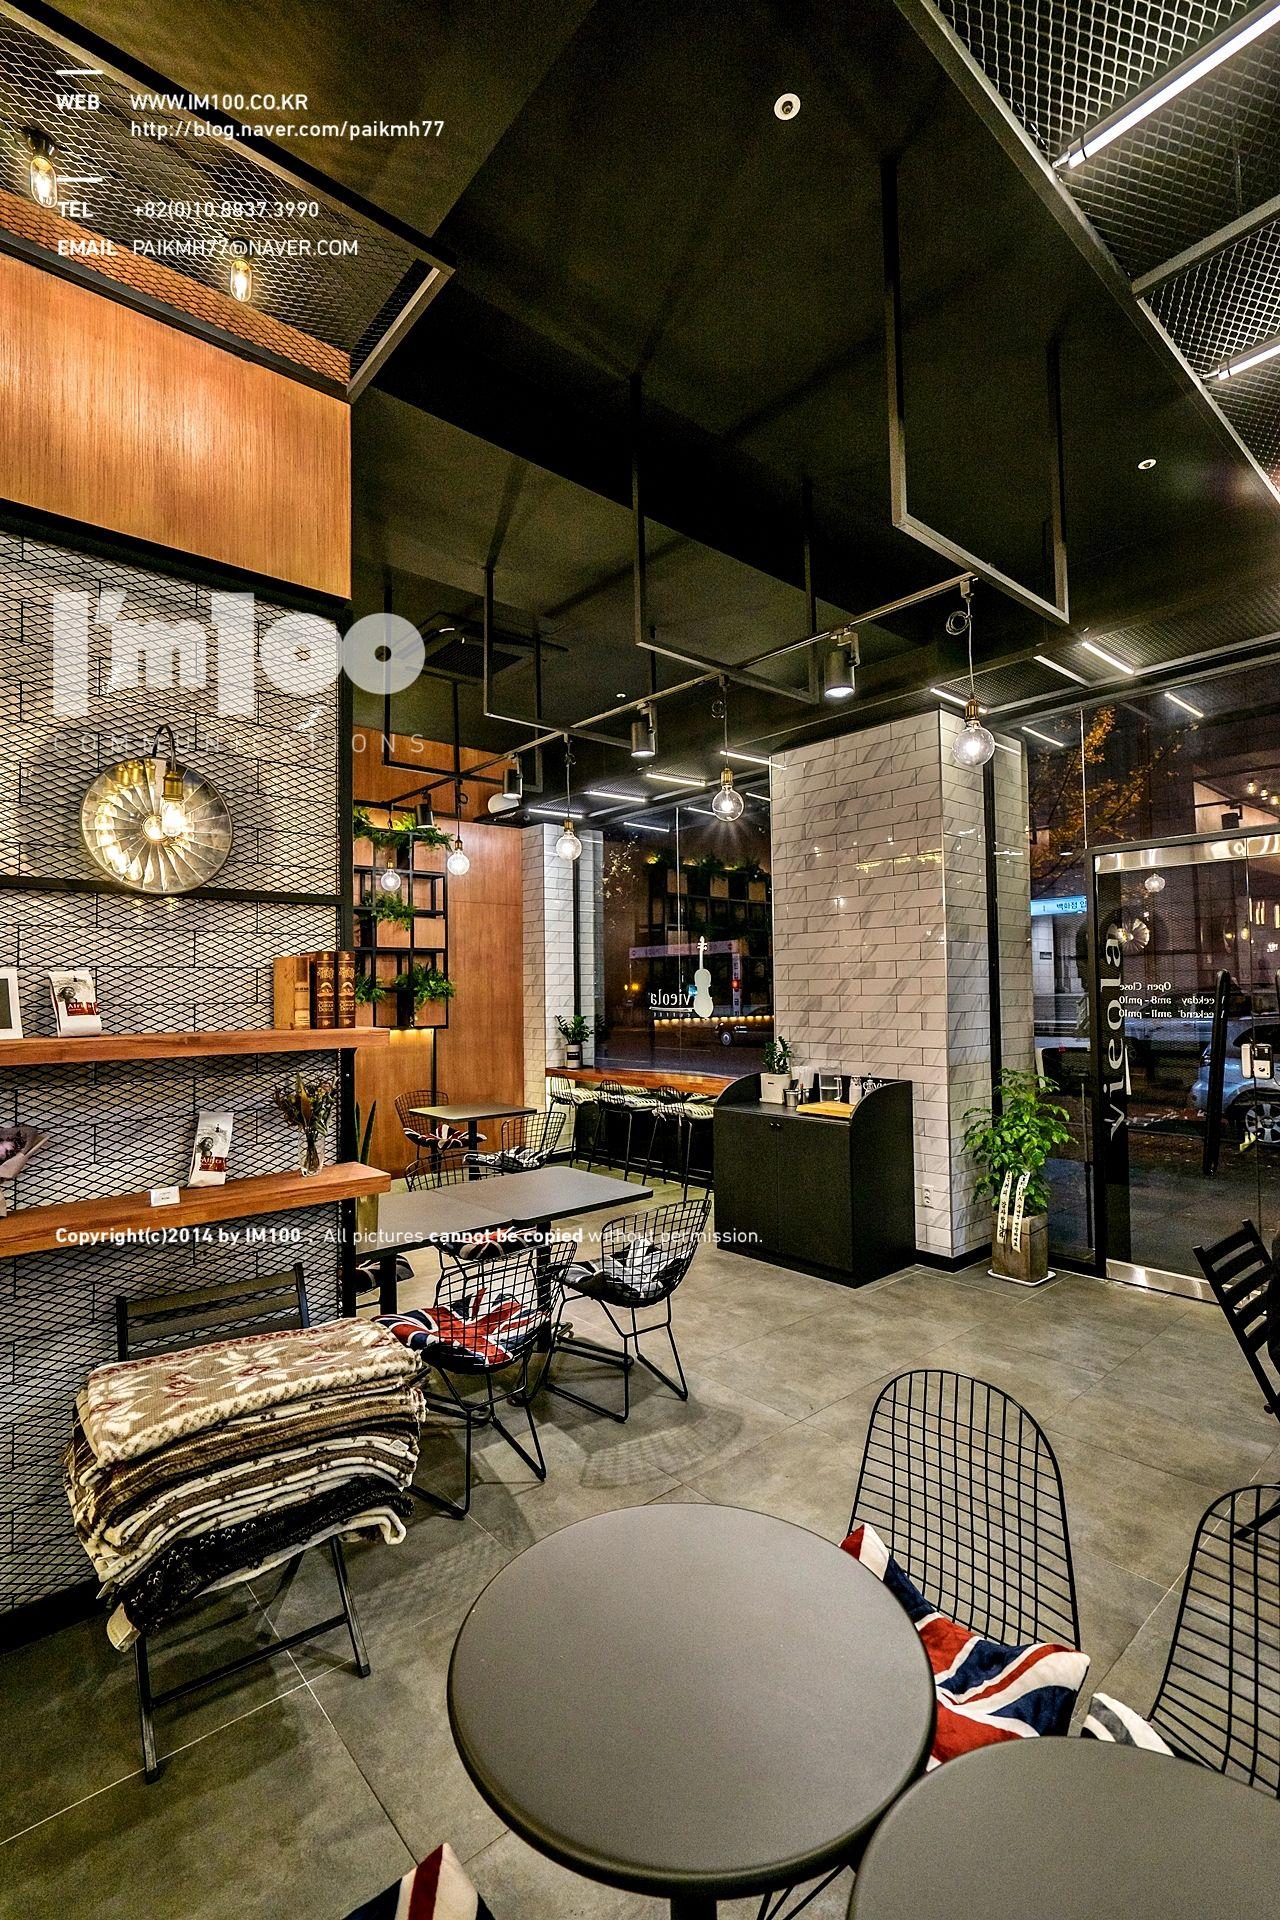 im100.co.kr cafe interior,kids cafe interior,huge cafe